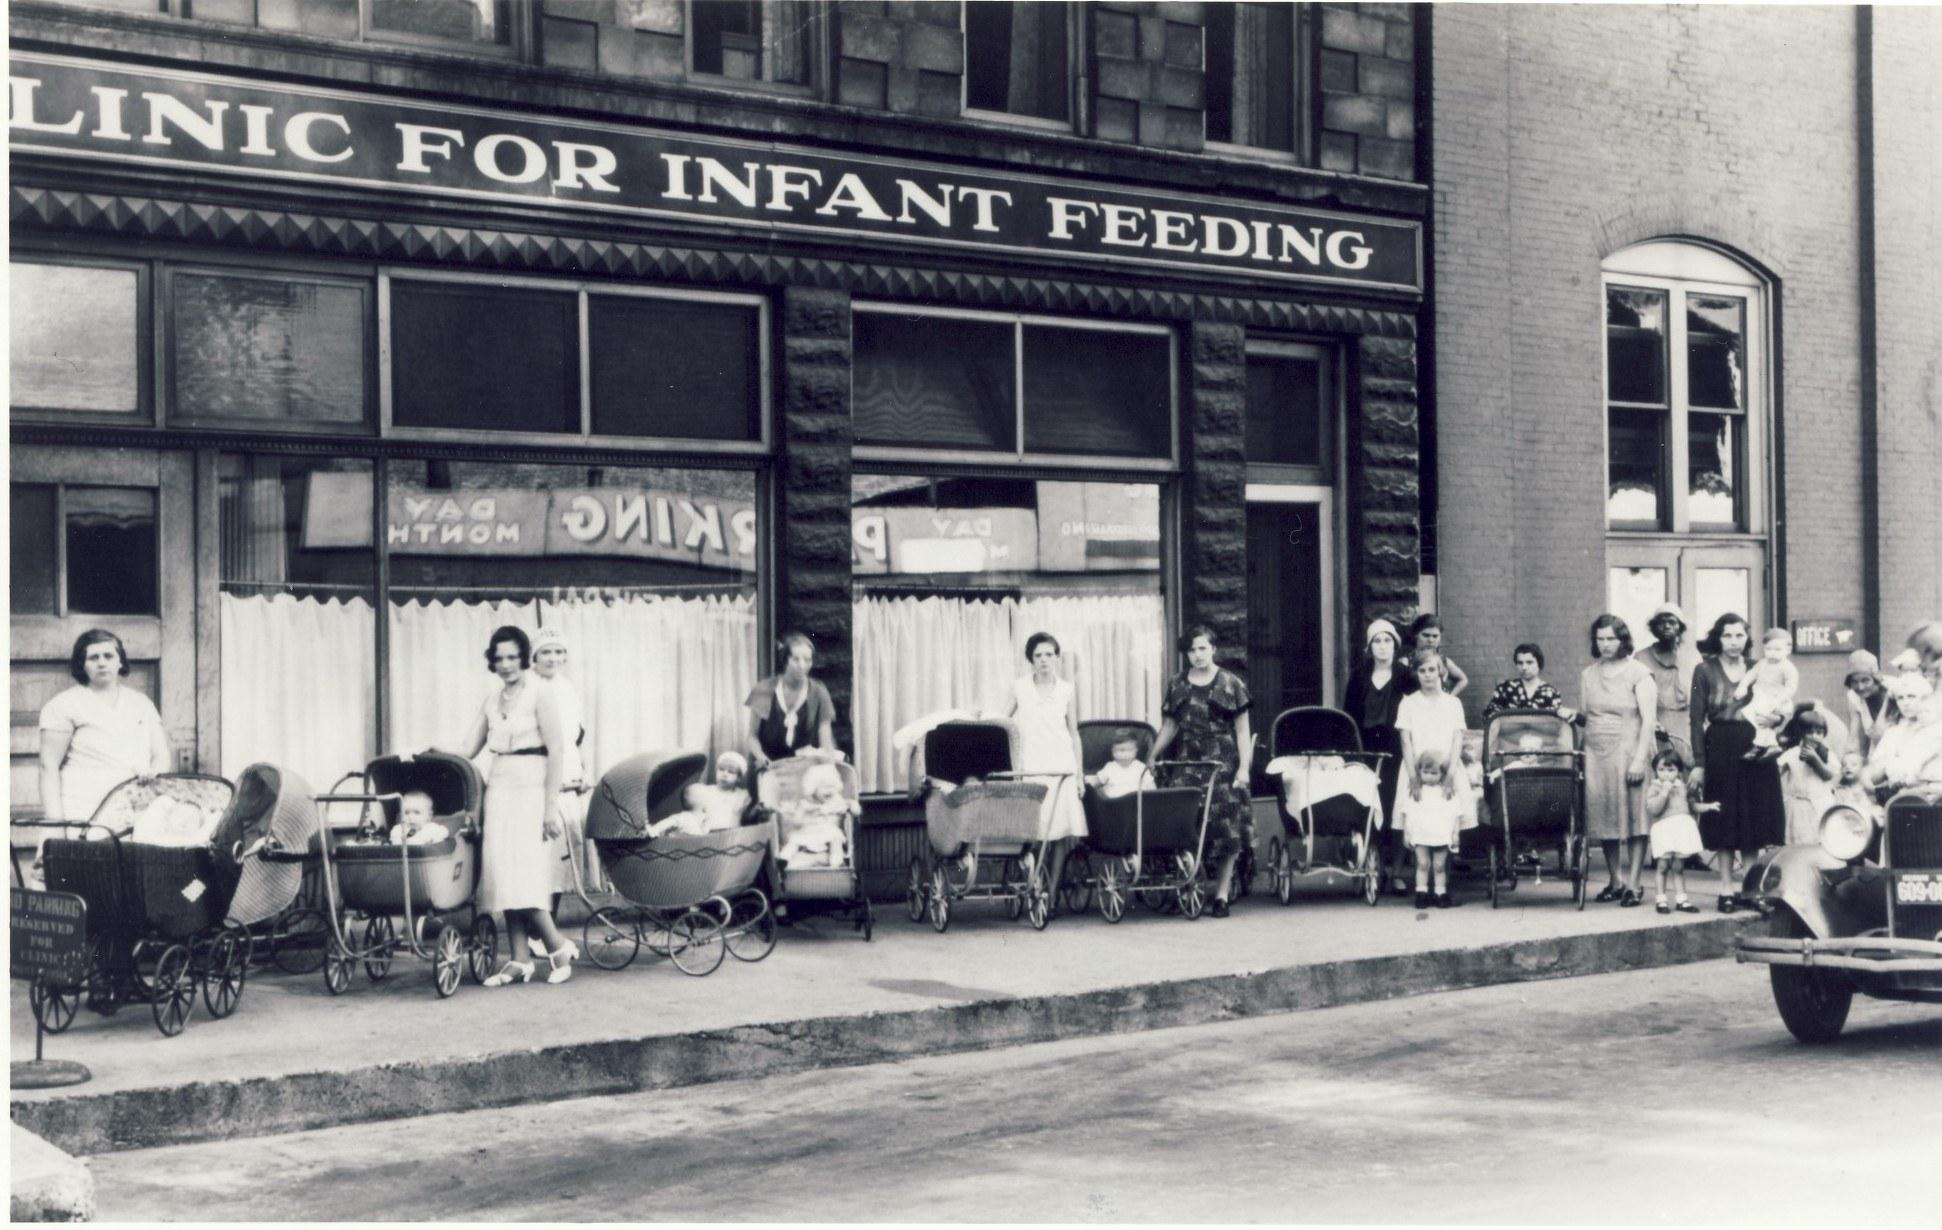 Clinic-for-Infant-Feeding.jpg#asset:810